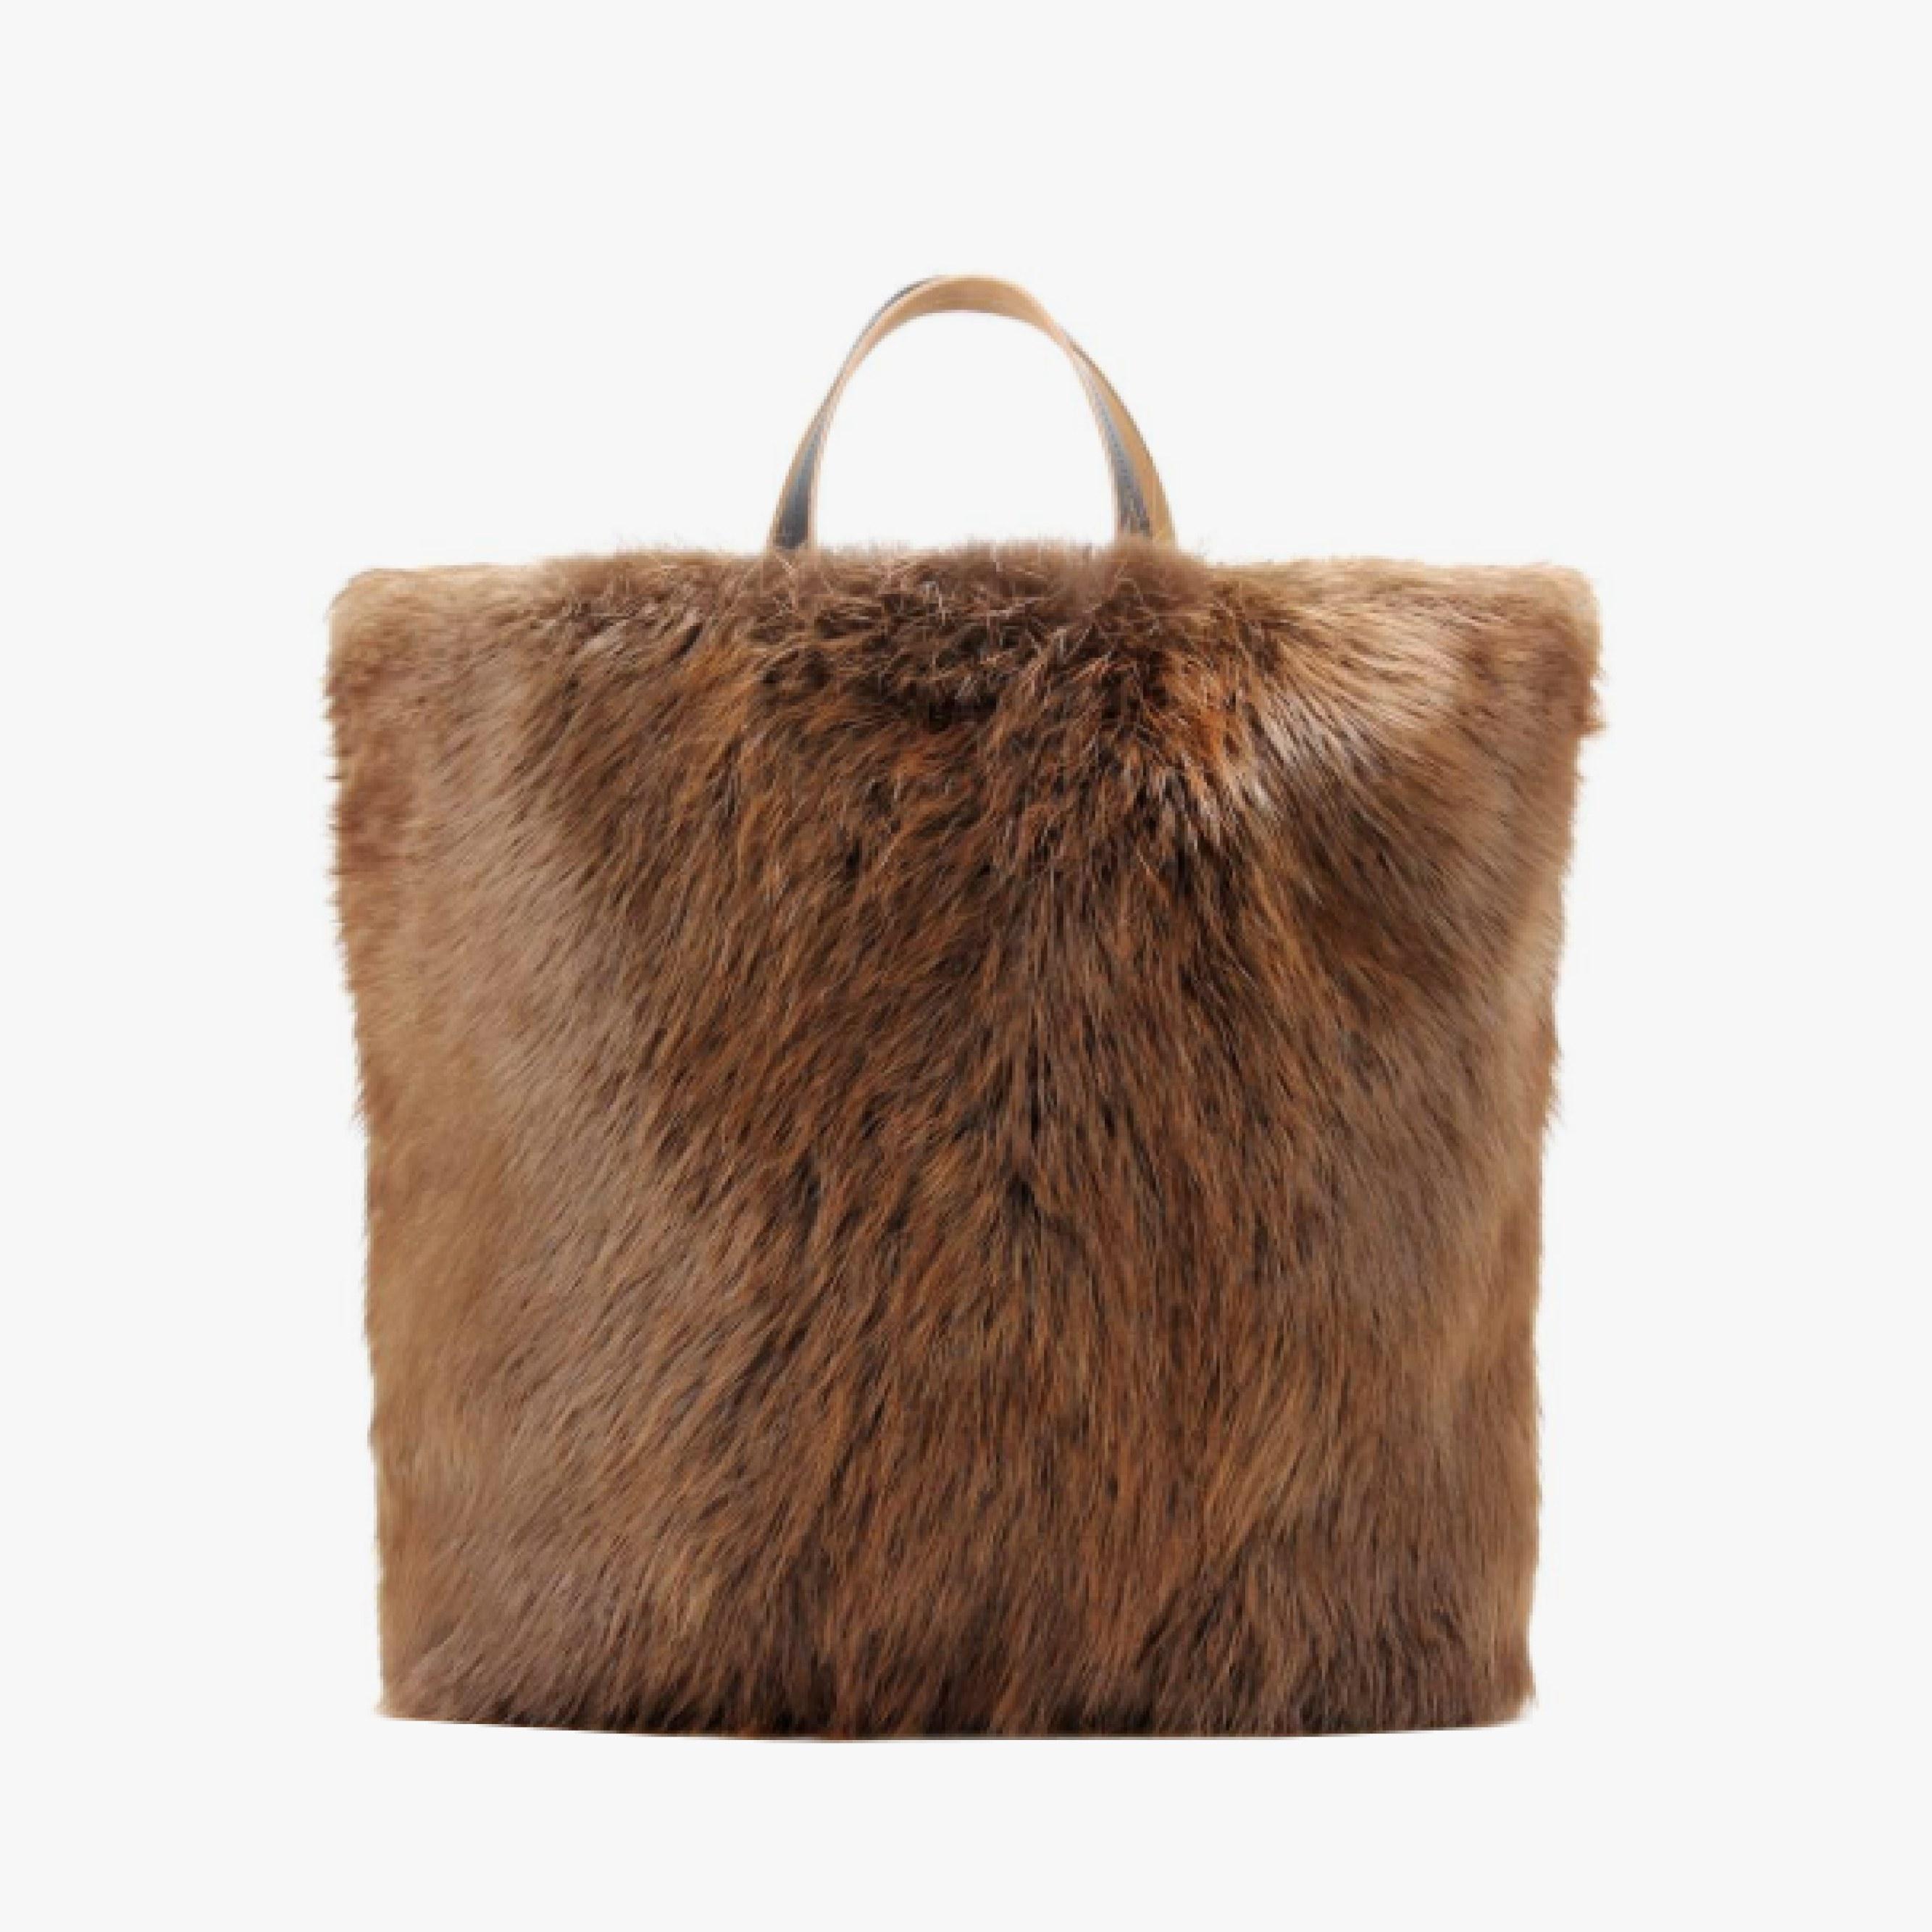 9c2de6ea4f9a64 Moda Inverno 2018: la borsa in eco pelliccia - Lorella Chinaglia ...